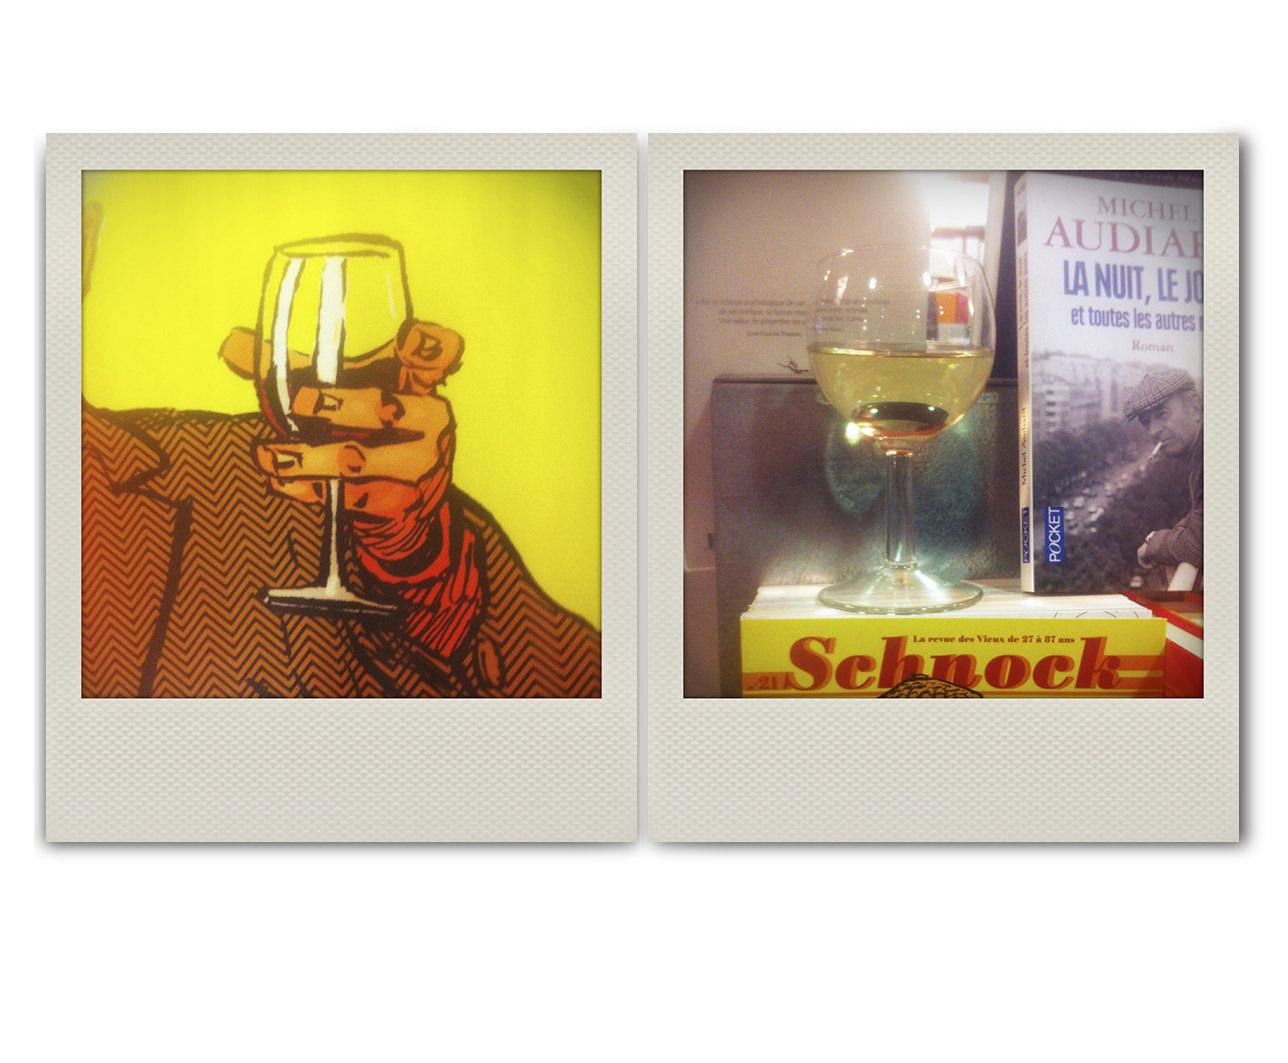 schnock-fion-1